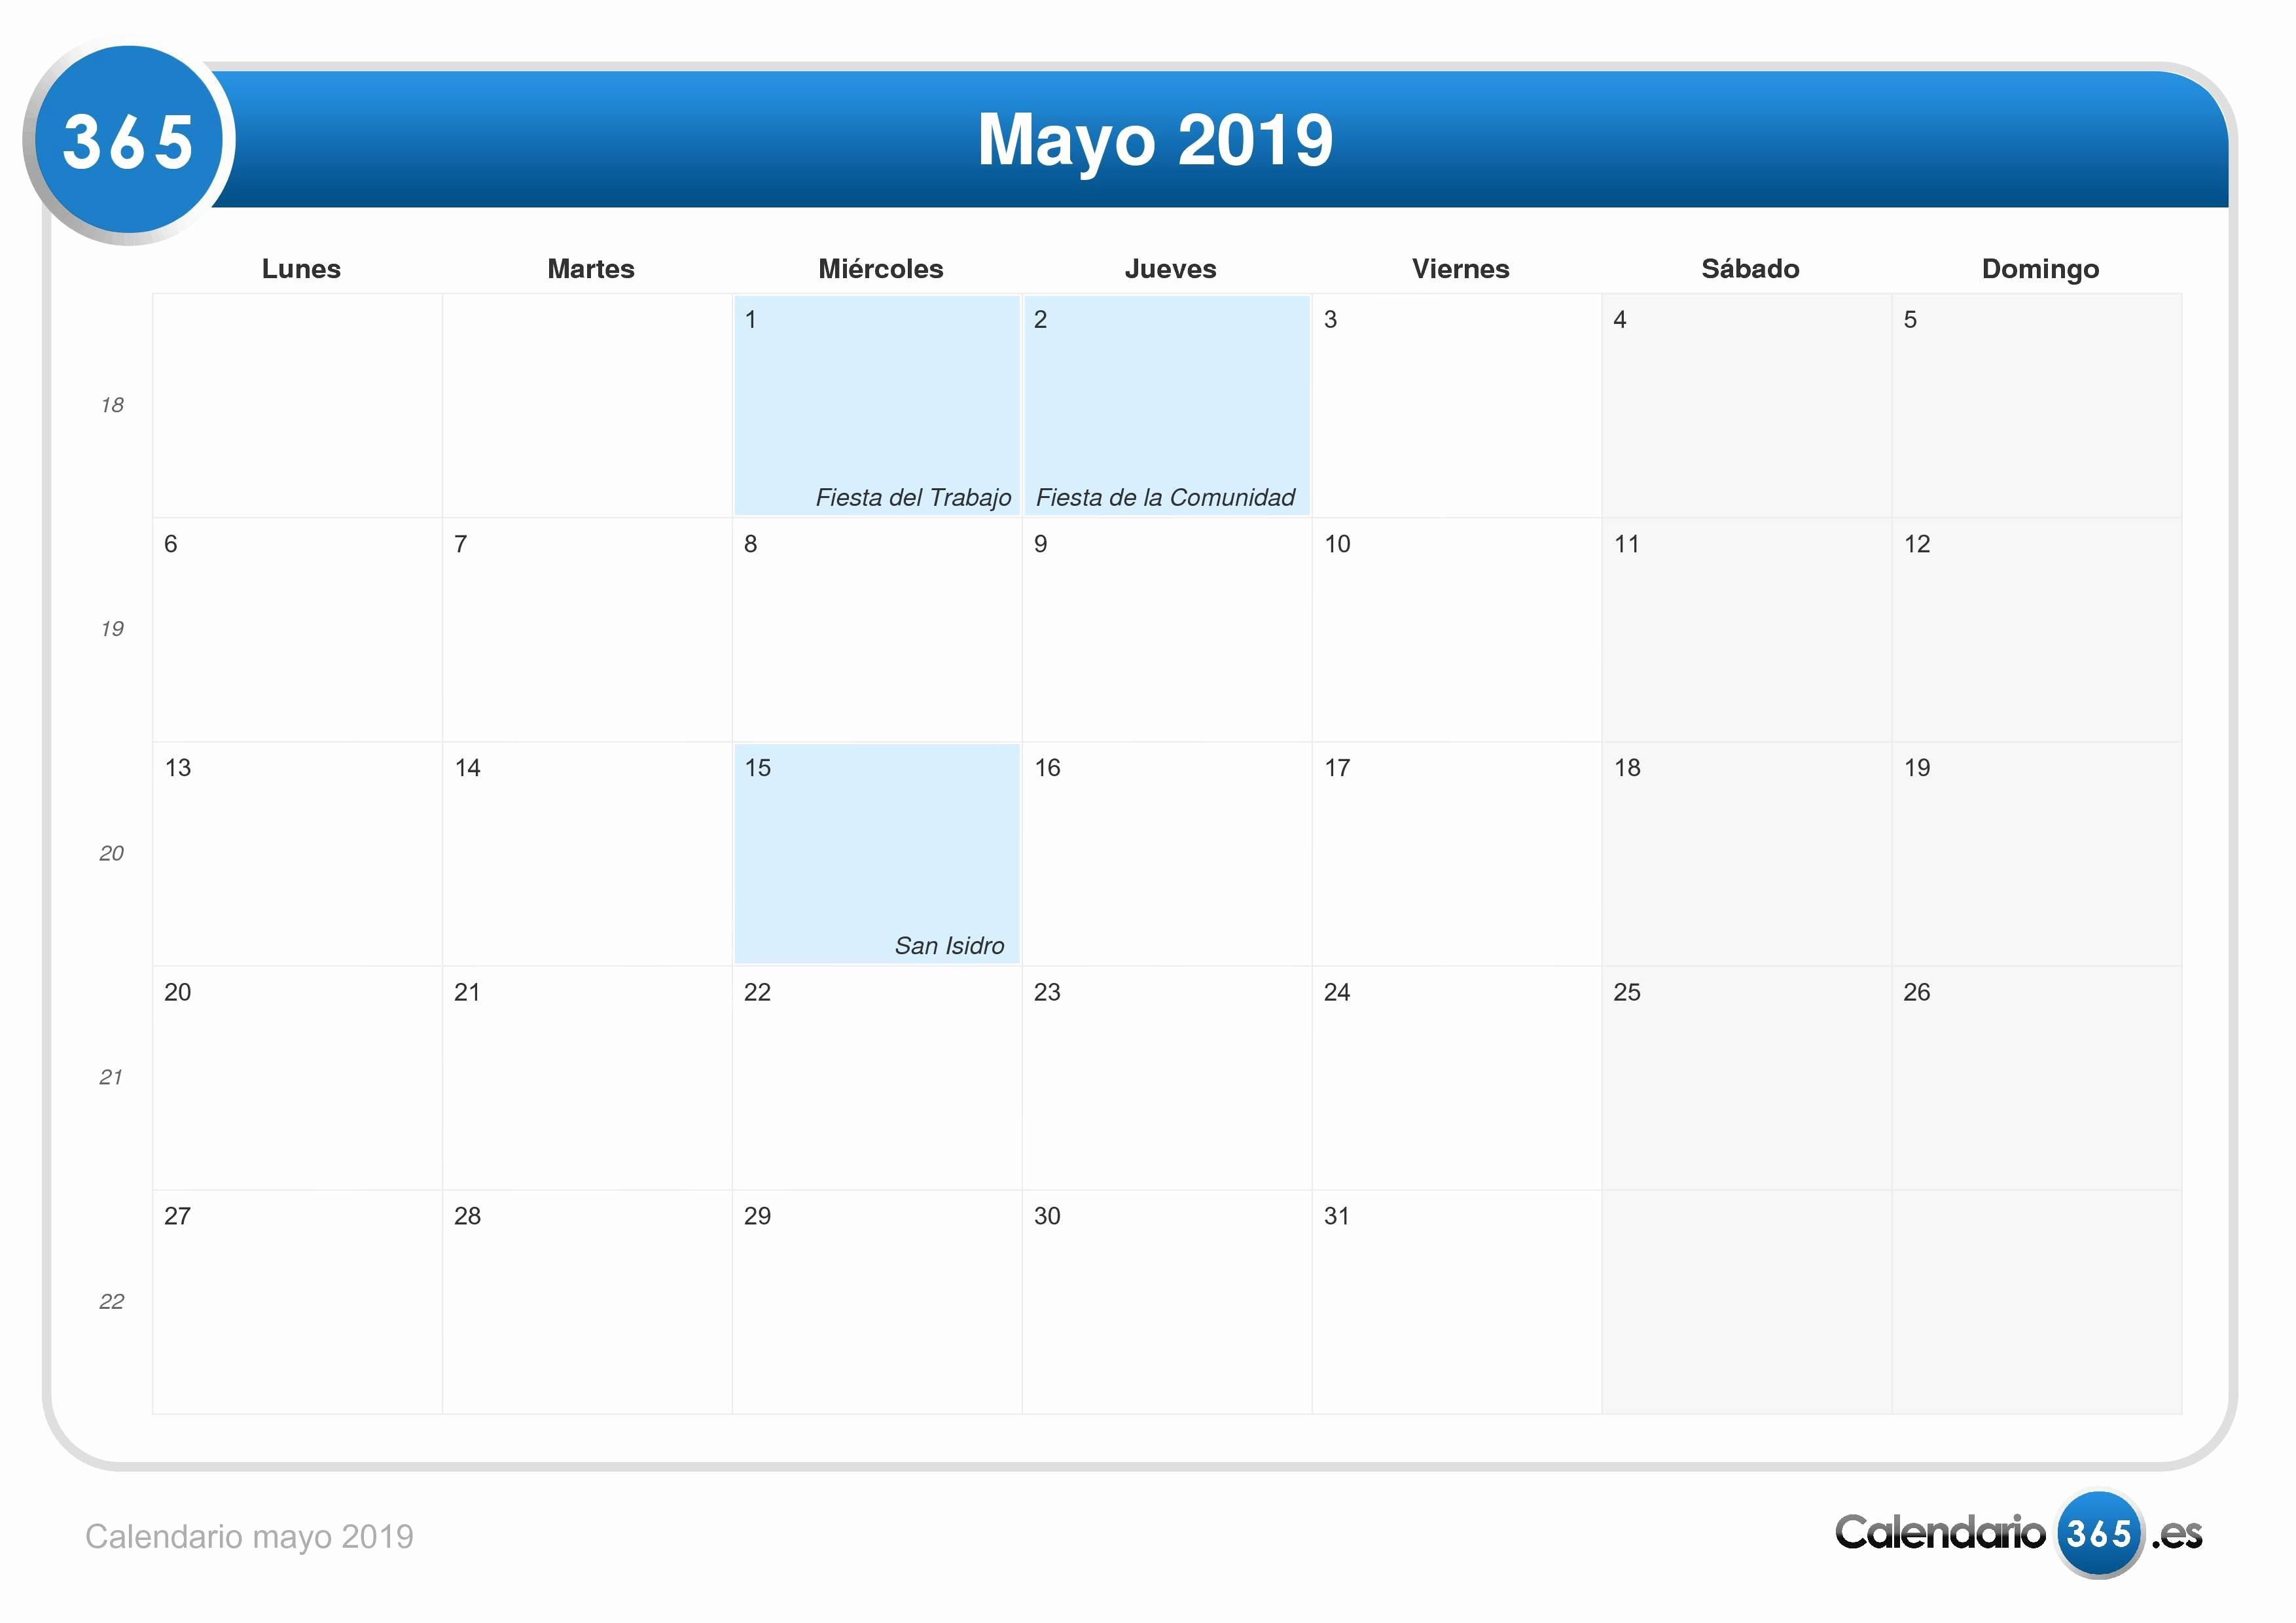 Calendario 2019 Escolar Madrid Más Populares De Lujo 51 Ejemplos Festivos 2019 Of Calendario 2019 Escolar Madrid Más Actual Boe Documento Boe A 2016 5551